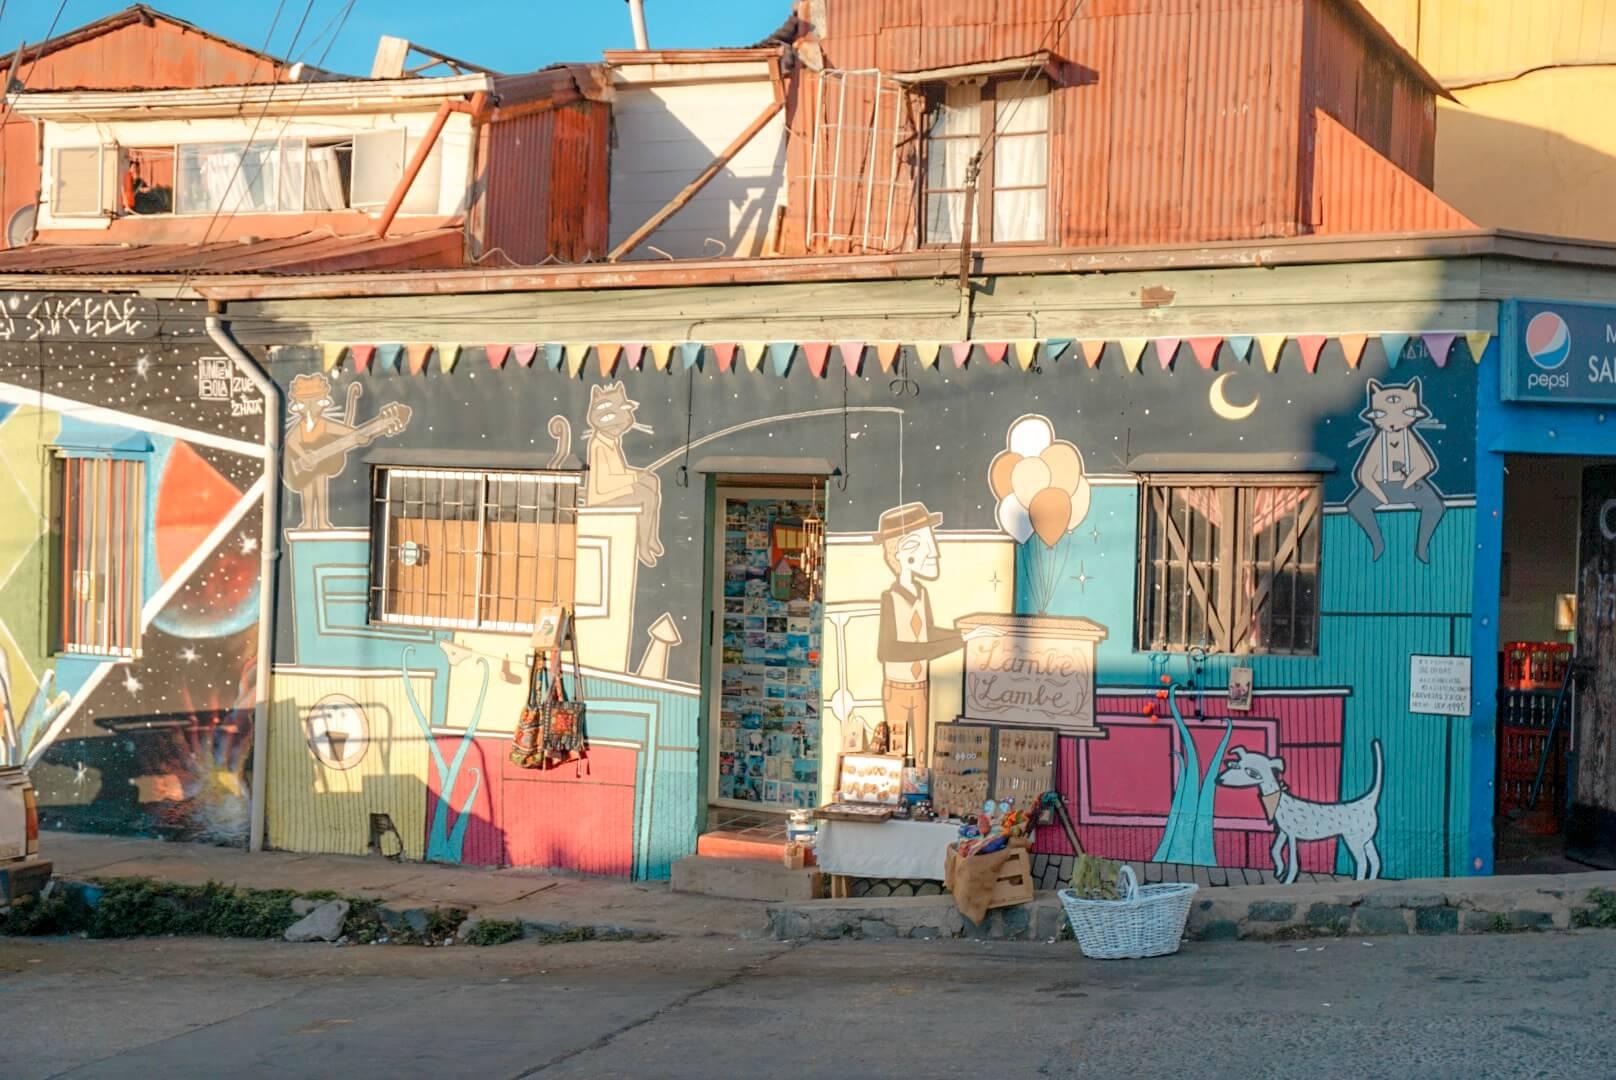 ou voir street art valparaiso chili